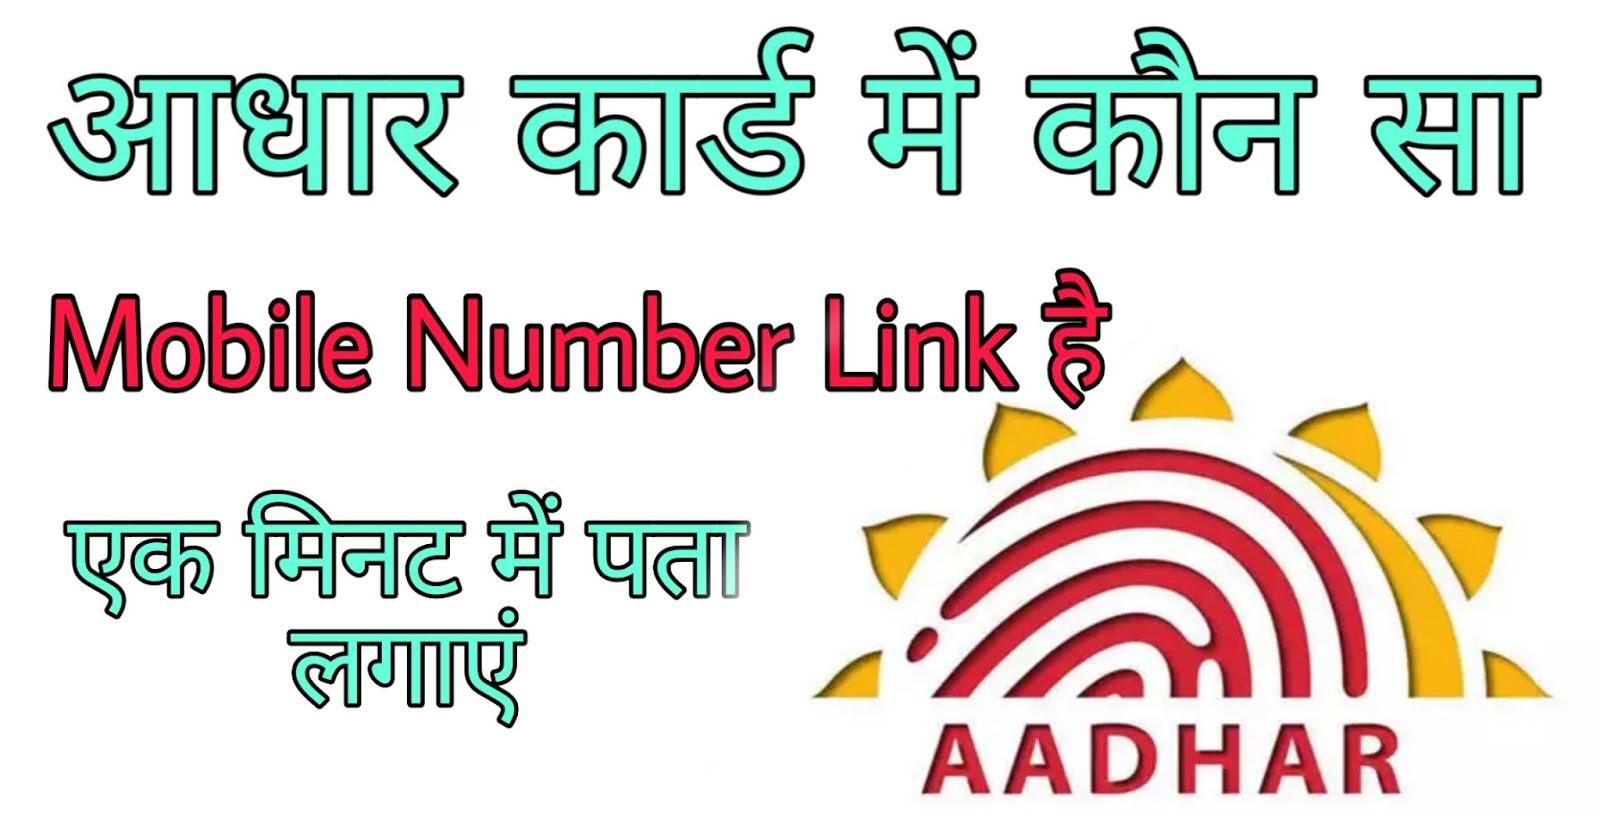 1 मिनट में पता लगाए आधार कार्ड में कौस सा मोबाइल नंबर जुड़ा है   Check Linked Mobile Number With Aadhar